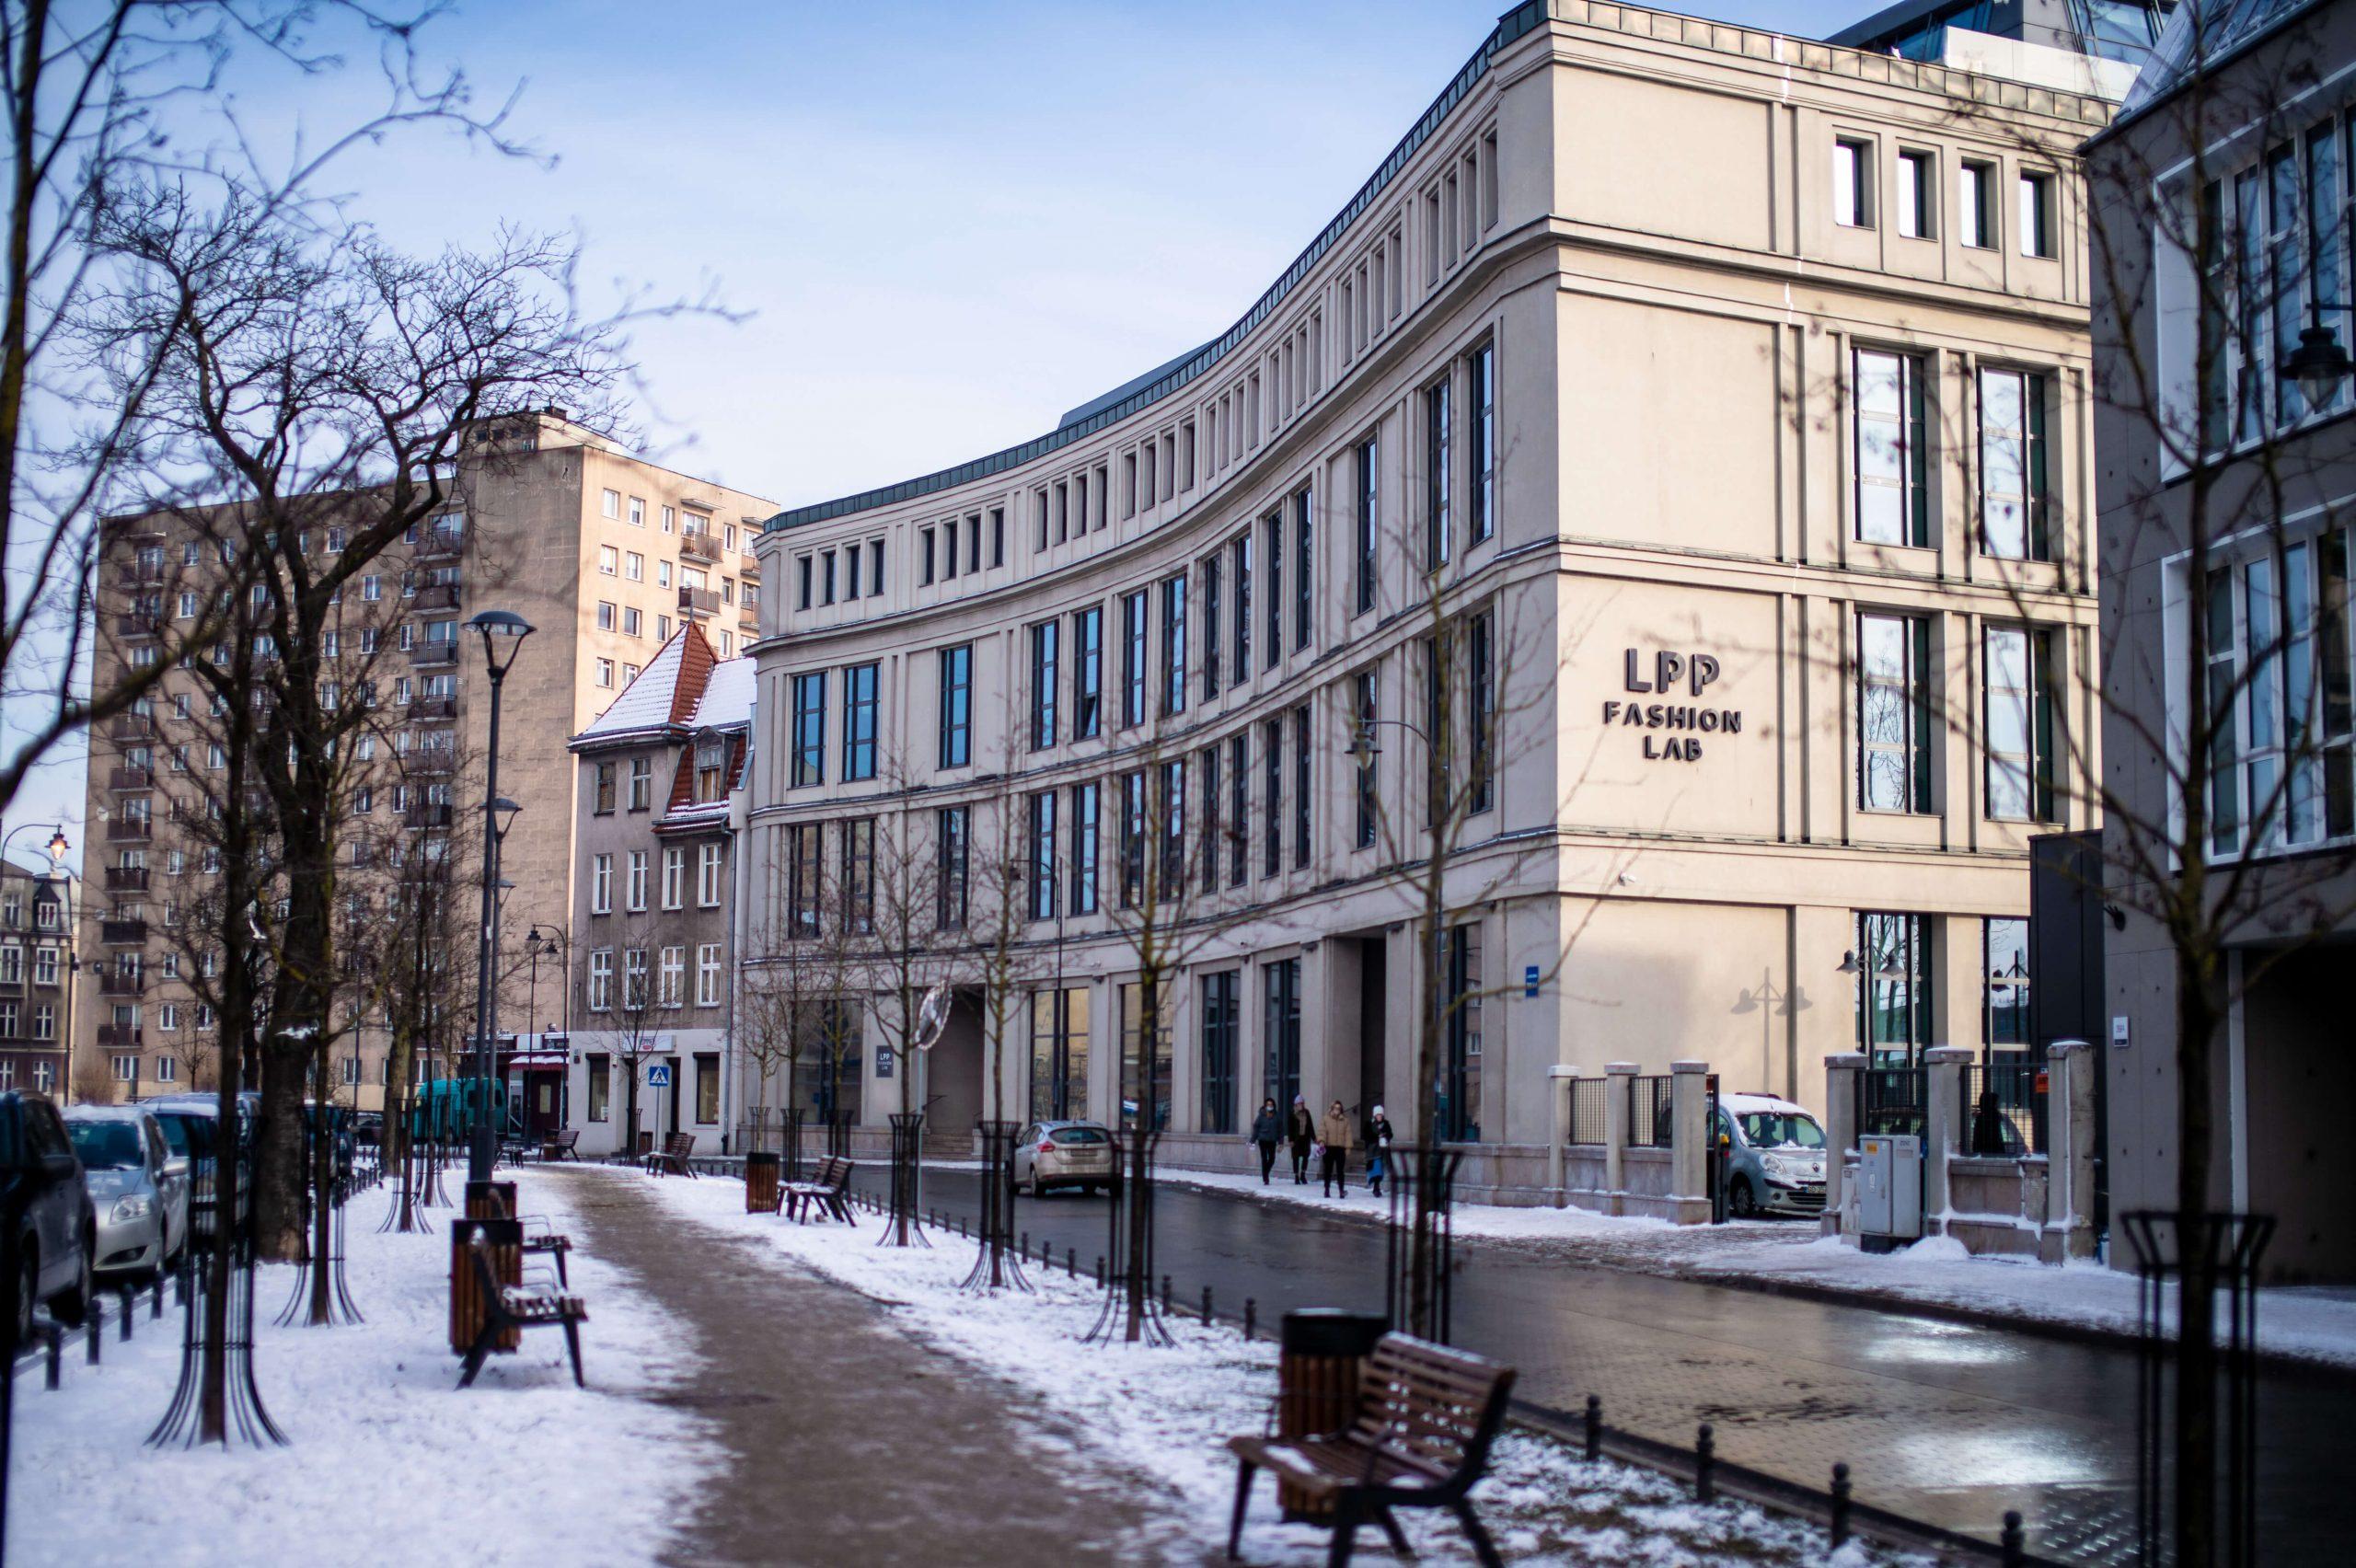 Gdansk zima 6 scaled - Gdańsk zimą jest piękny! Zimowy spacer po Dolnym Mieście